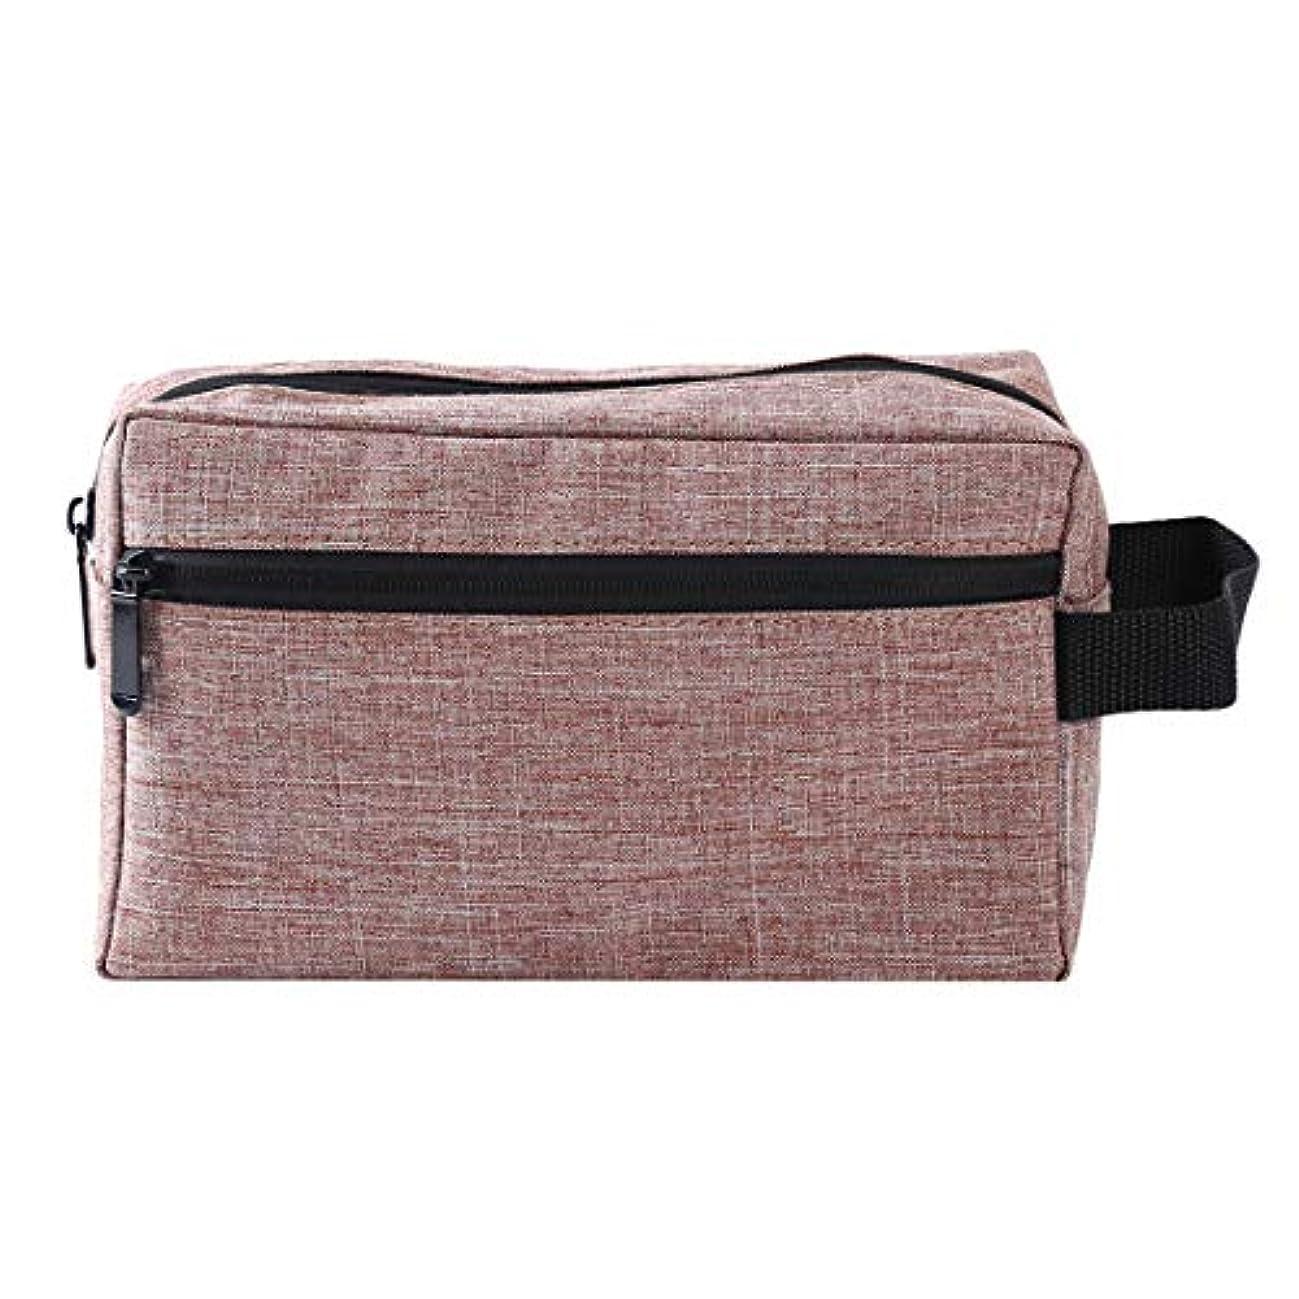 古風なインストラクター無人KLUMA 化粧ポーチ メイクポーチ コスメポーチ 化粧品収納バッグ 洗面用具入れ 持ち運び便利 普段使い 出張